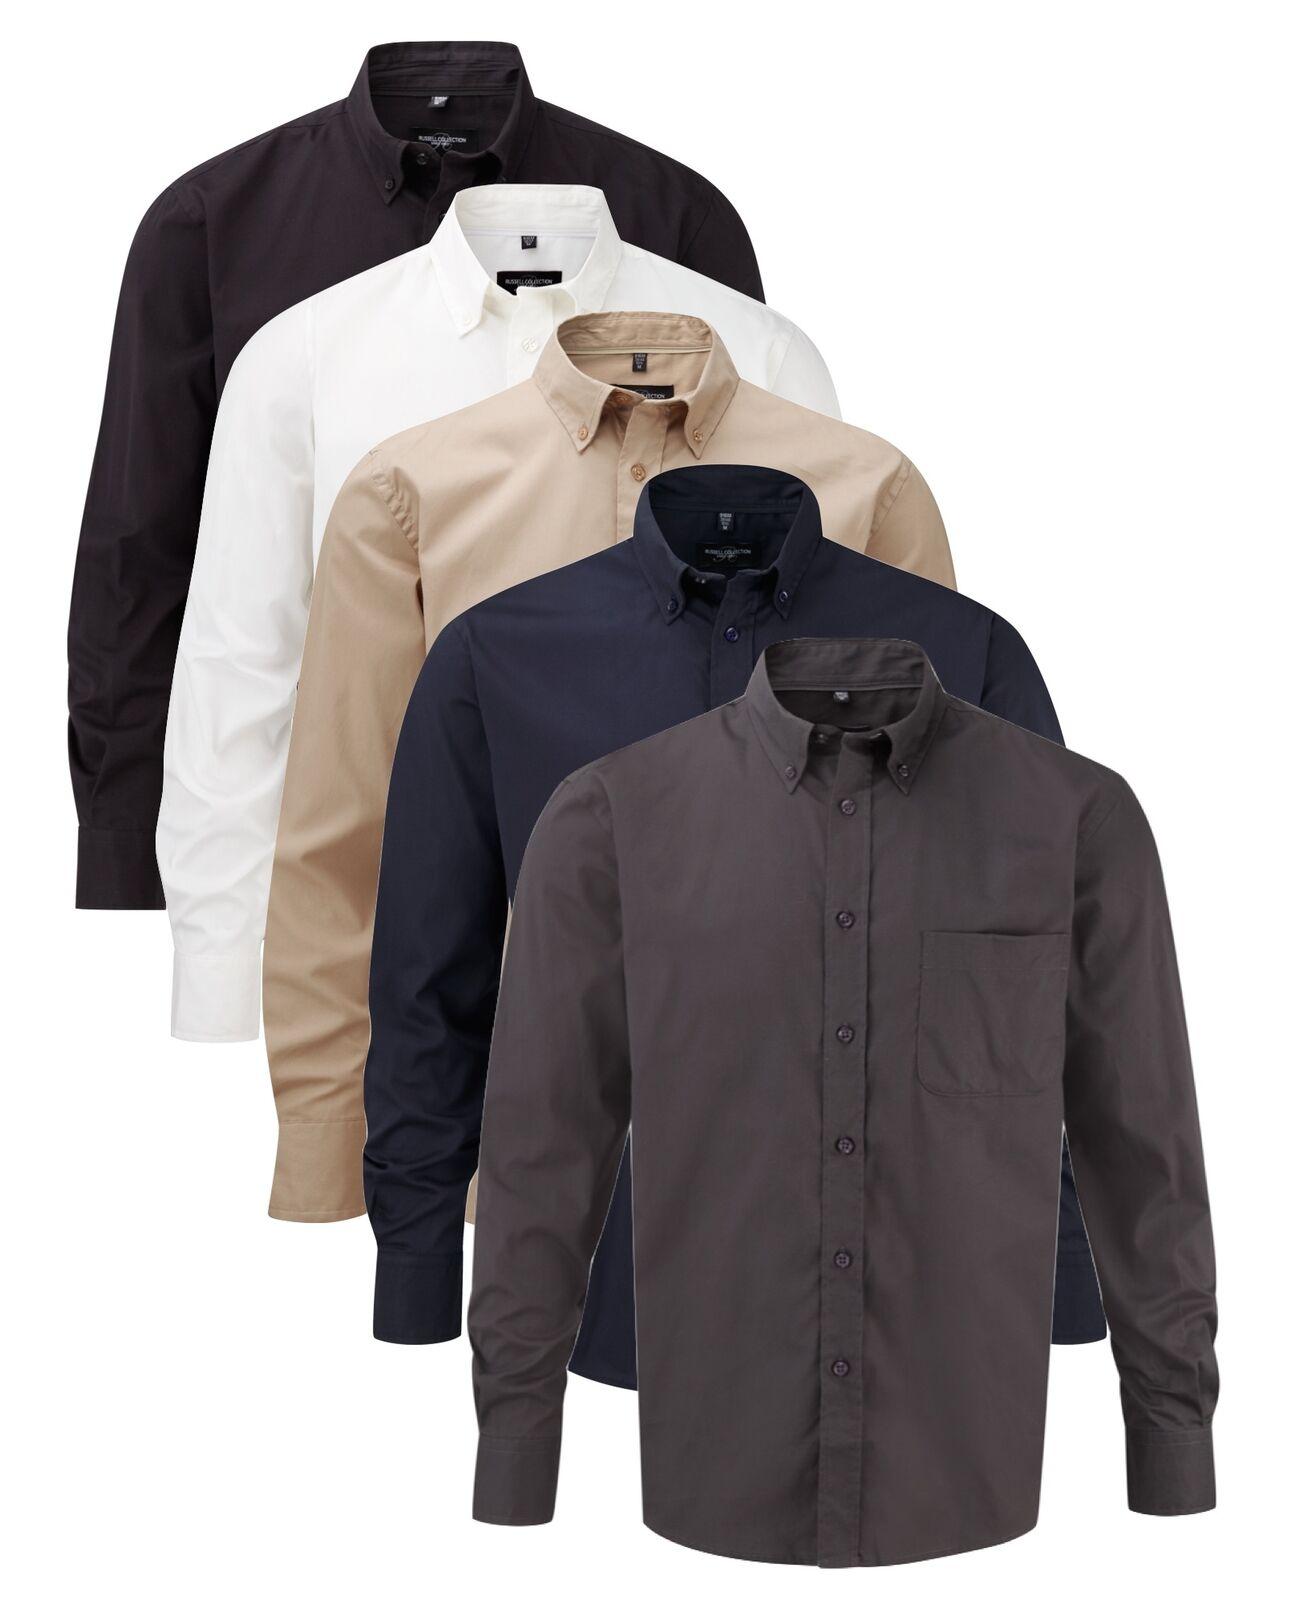 Herren Herren Blau Schwarz Beige Weiß Grau Langärmlig Baumwolltwill Hemd BlauSE | Spielzeugwelt, glücklich und grenzenlos  | Charmantes Design